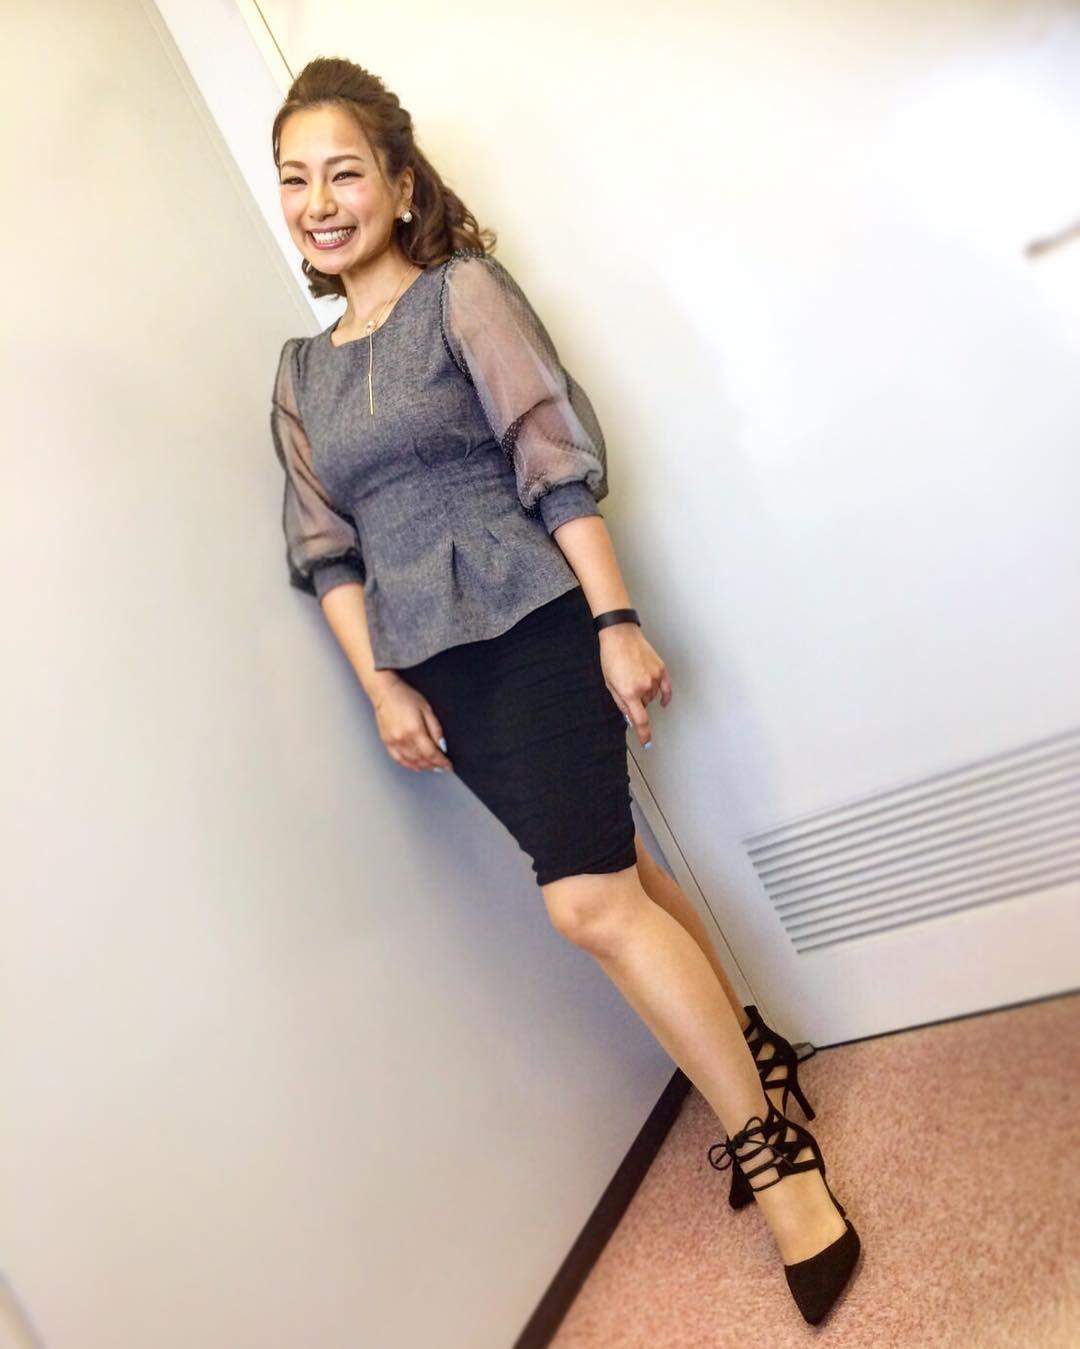 三船美佳さんのインスタグラム - (三船美佳@mikamifune_official)